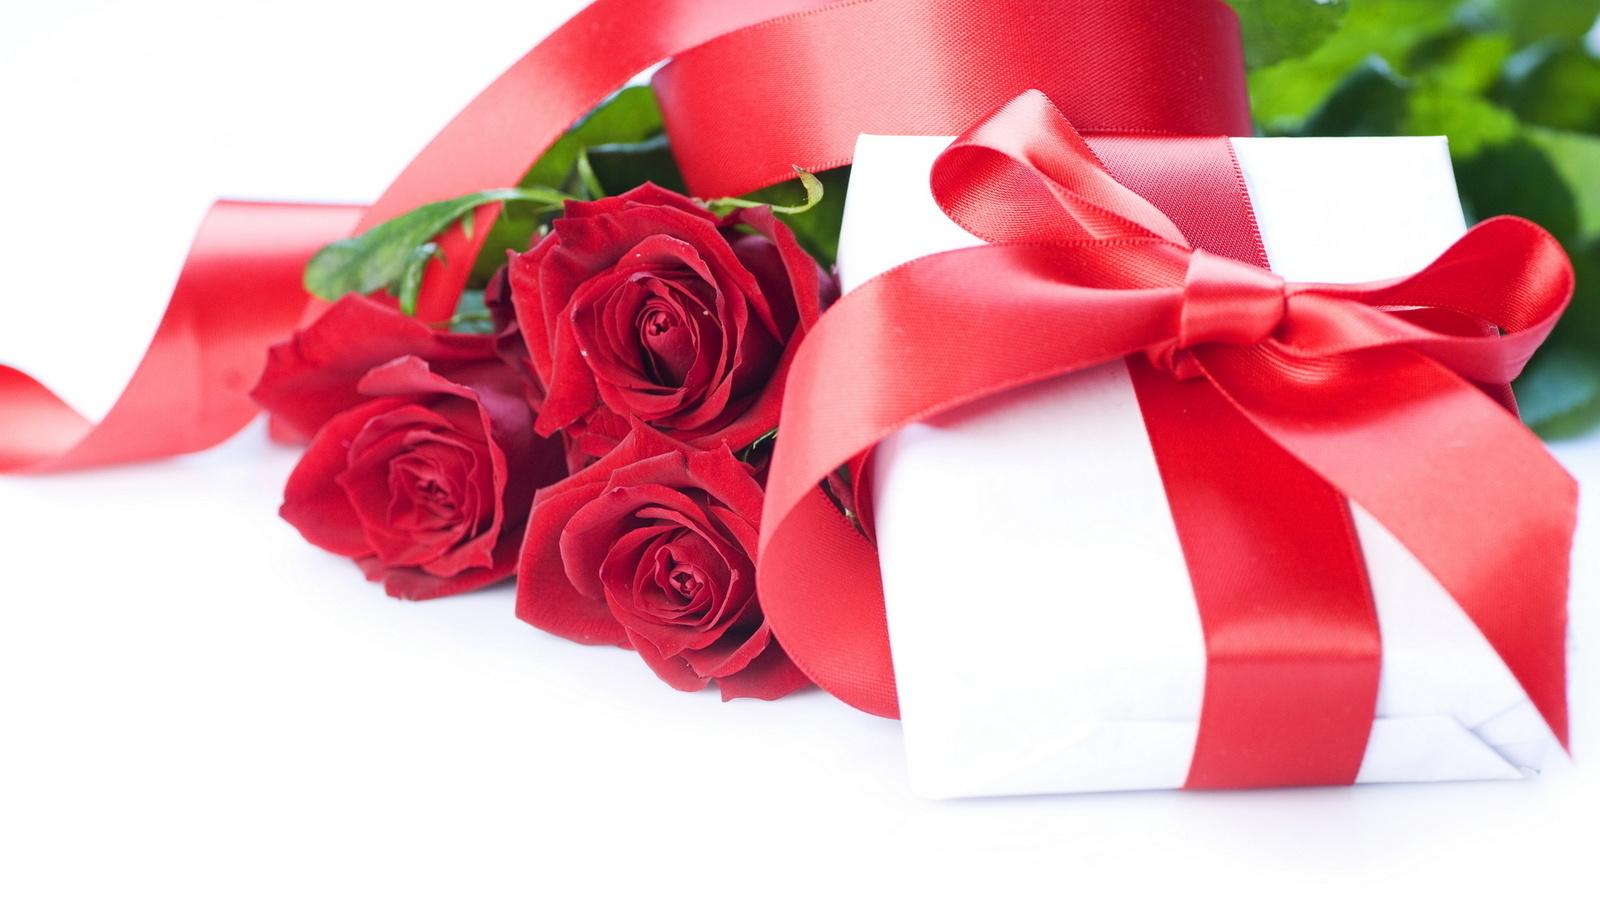 Подарок женщине на день рождения 65 лет женщине8